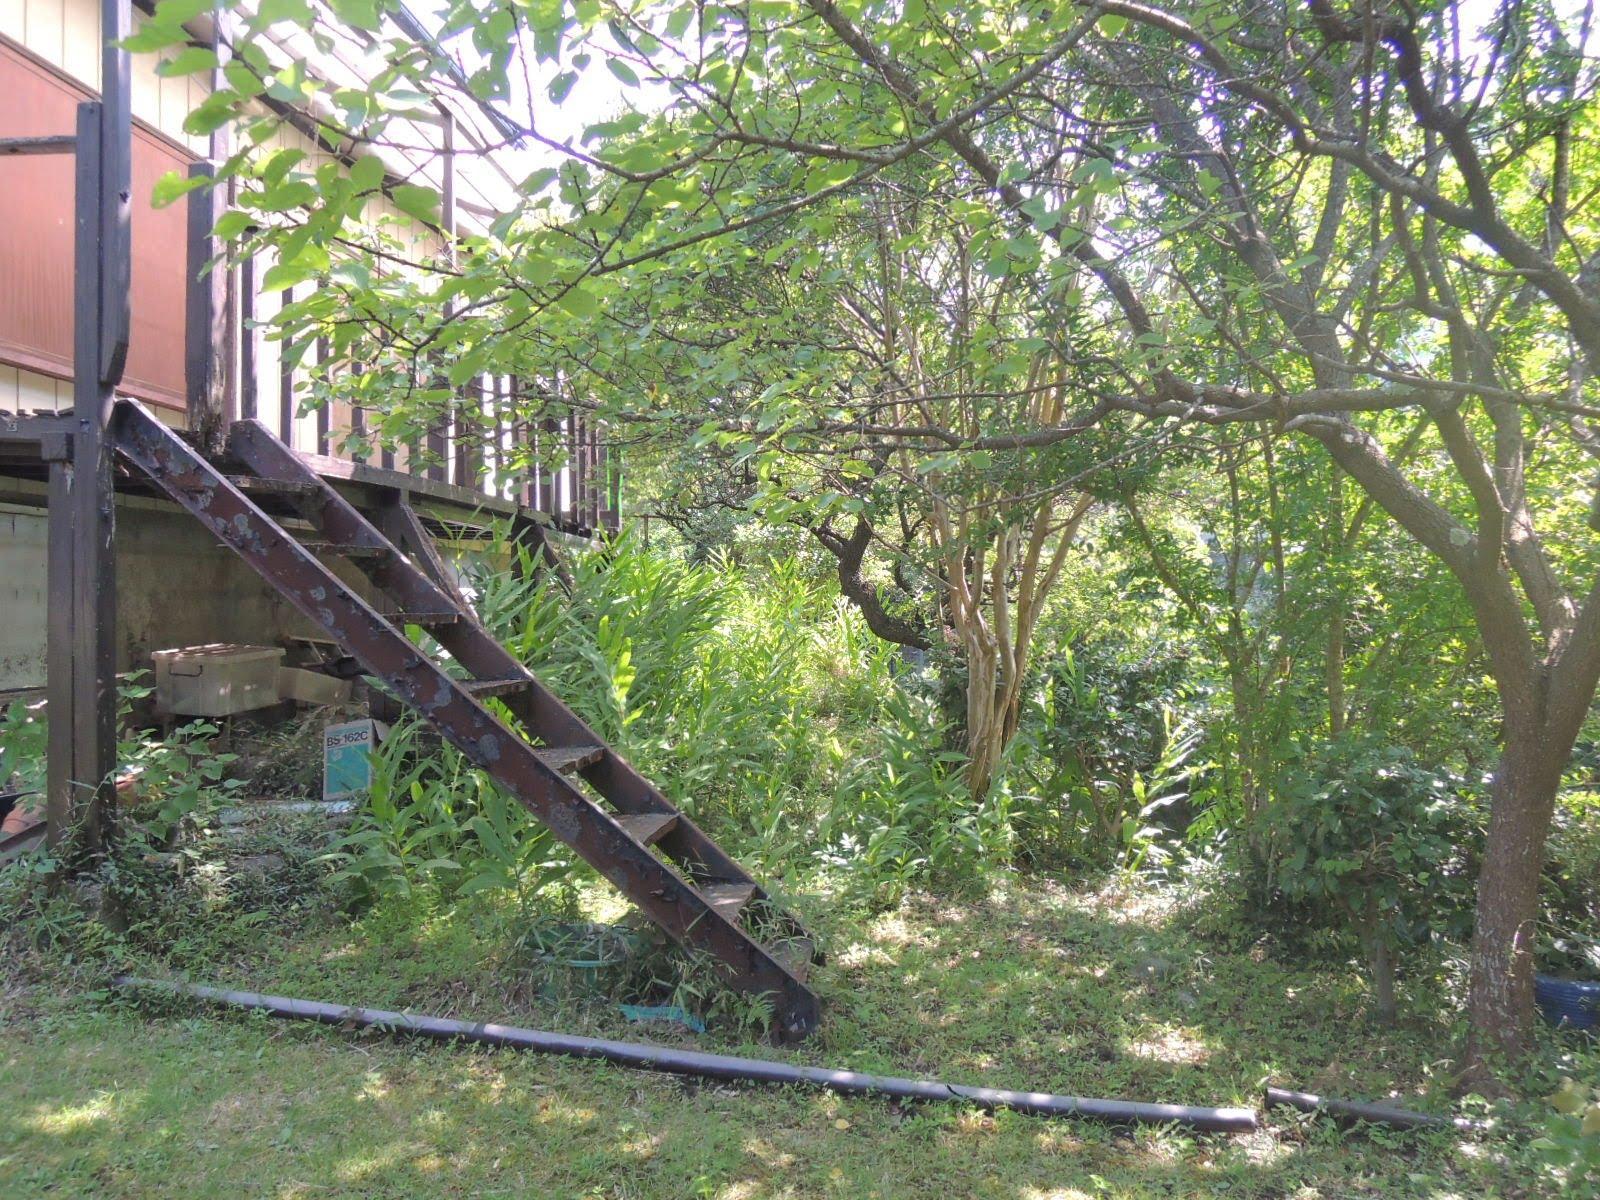 ベランダと庭をつなぐ階段